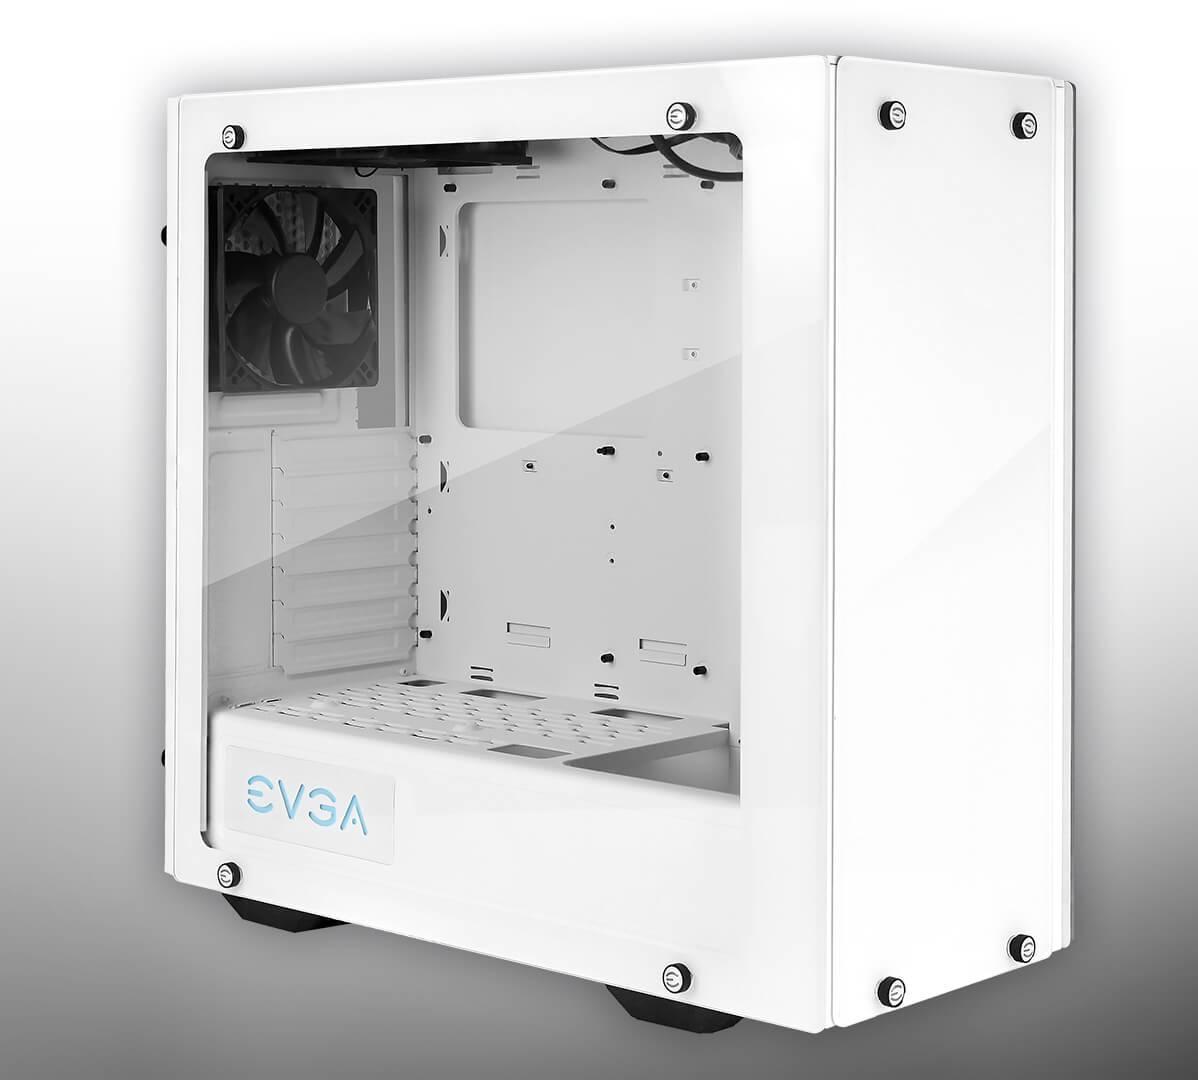 EVGA DG-77 Midi-Tower White computer case